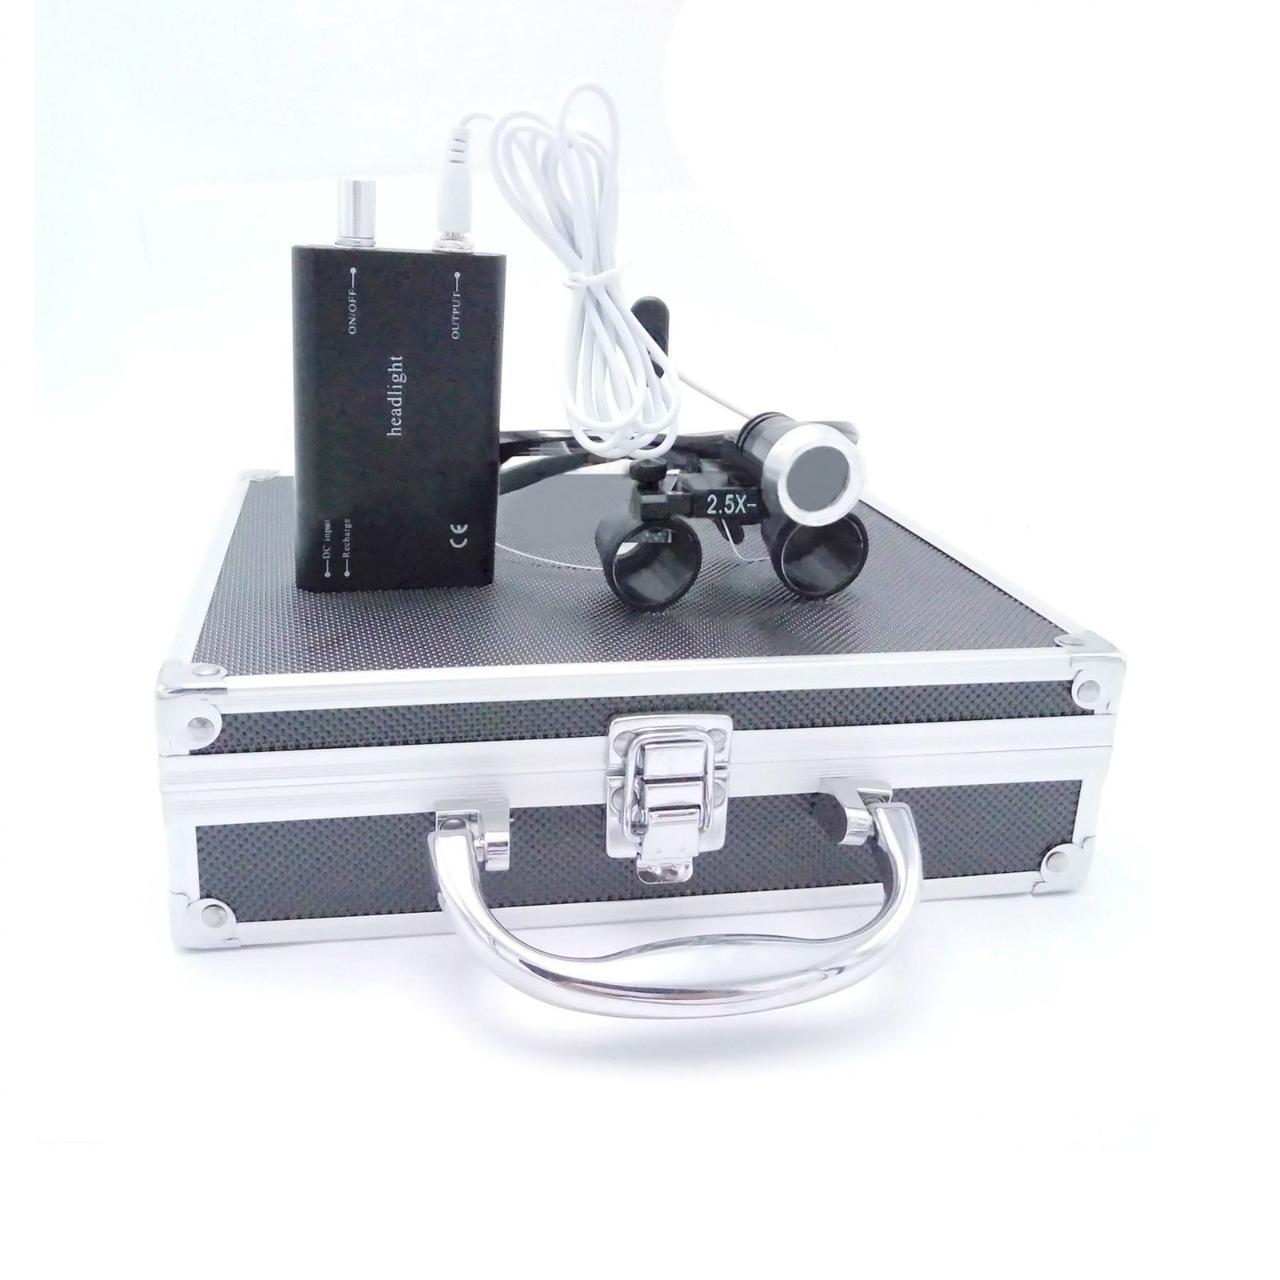 Комплект бинокуляры B1 3.5x-420 + подсветка, black